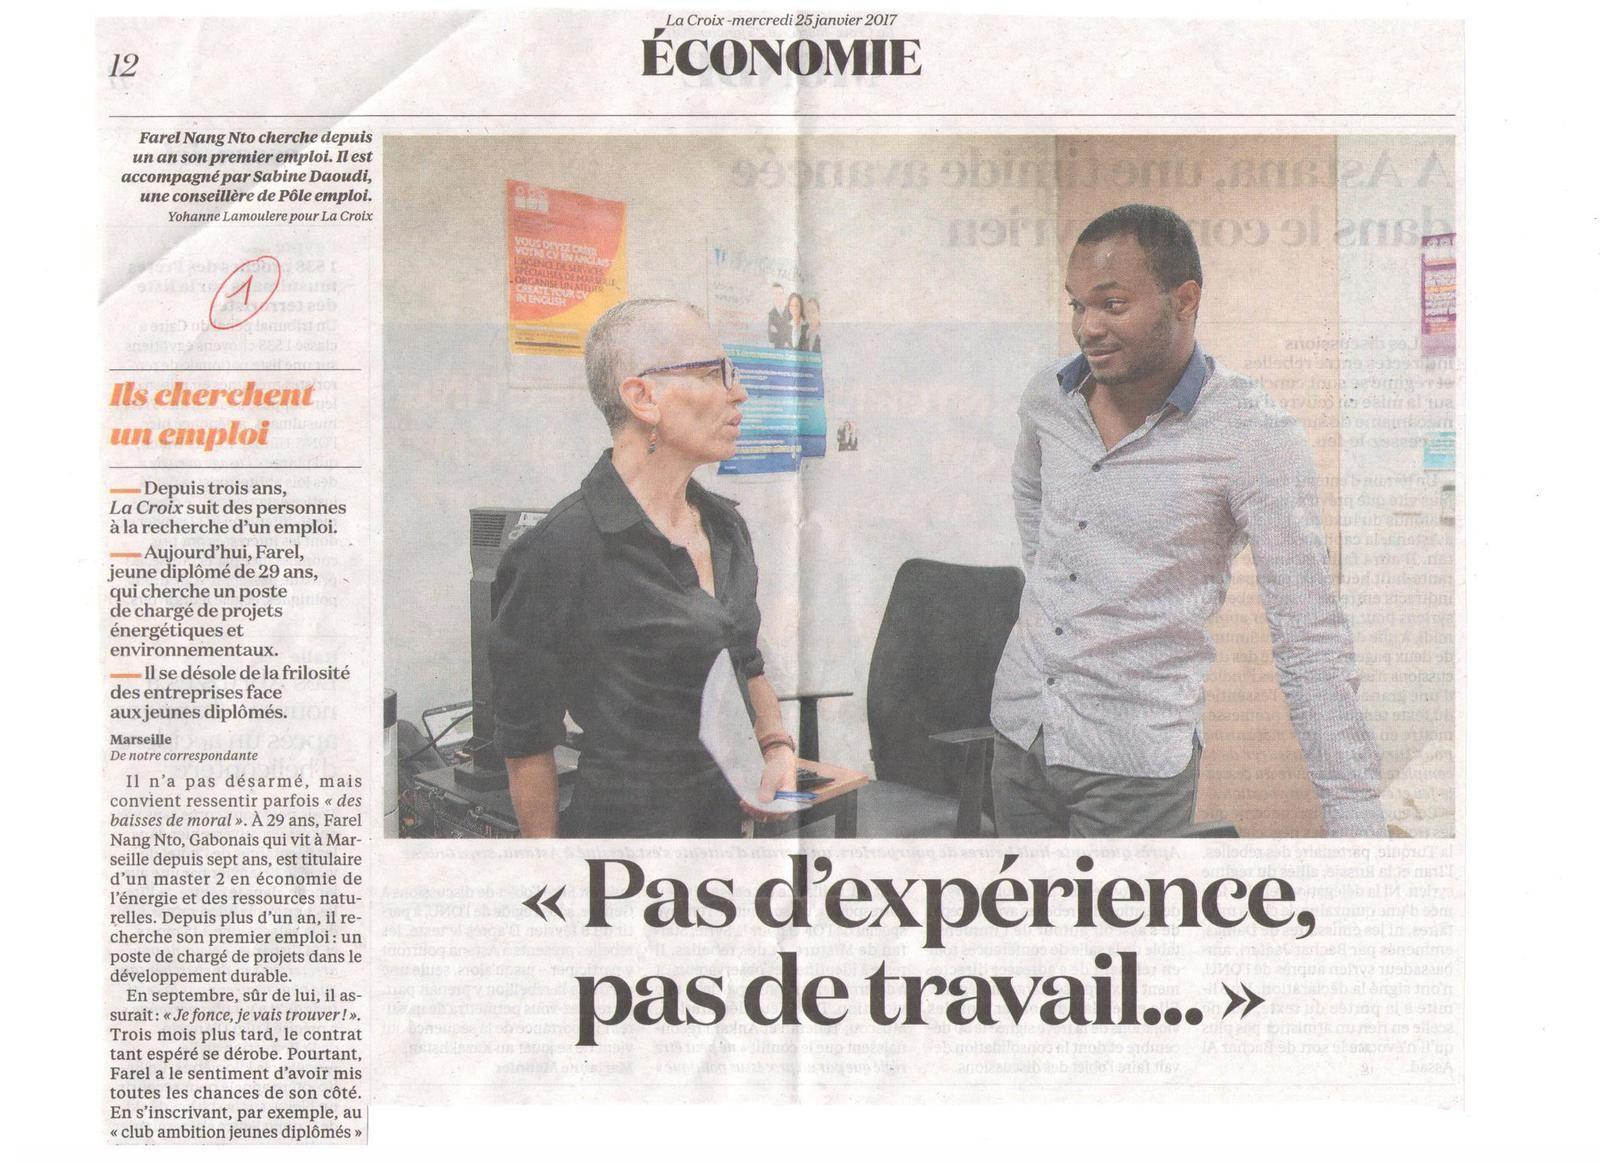 Vus et lus dans Les Echos du 19 décembre 2016, La Croix du 25 janvier 2017, et l'Usine Nouvelle n°3494 du 01 décembre 2016